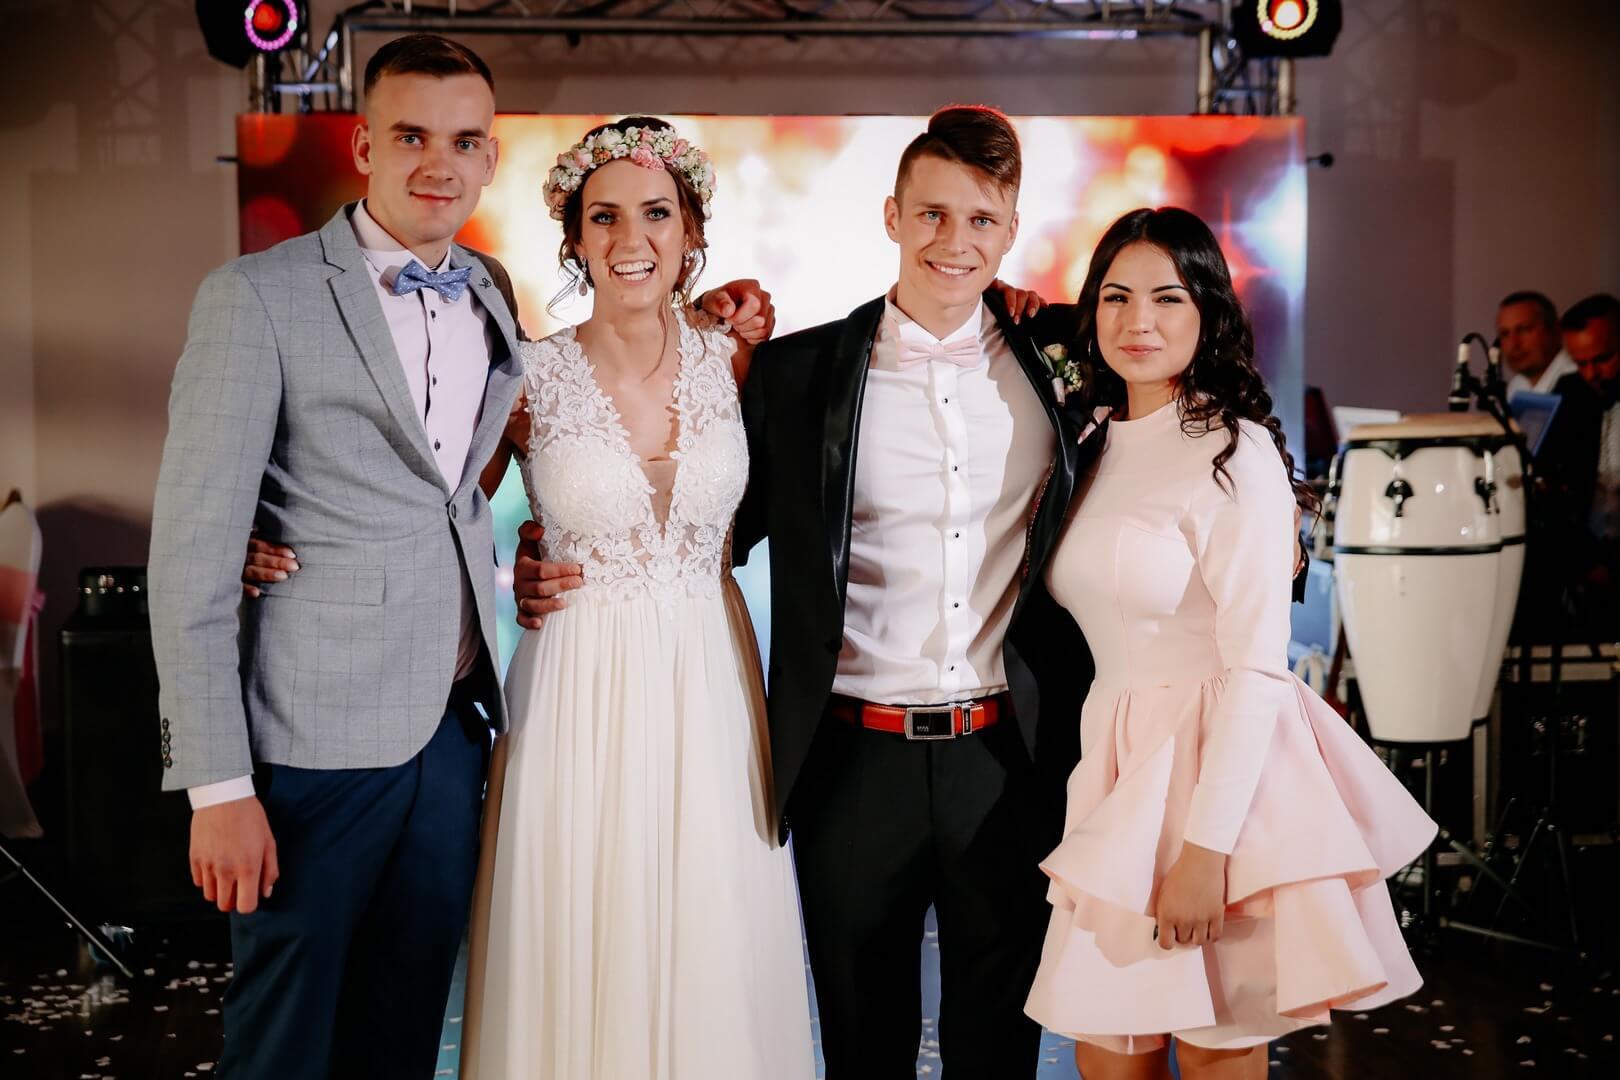 Zdjęcia grupowe na weselu. fotograf Szpakowicz Aleksander Gdańsk, Trójmiasto - szpakowicz-studio.pl 21